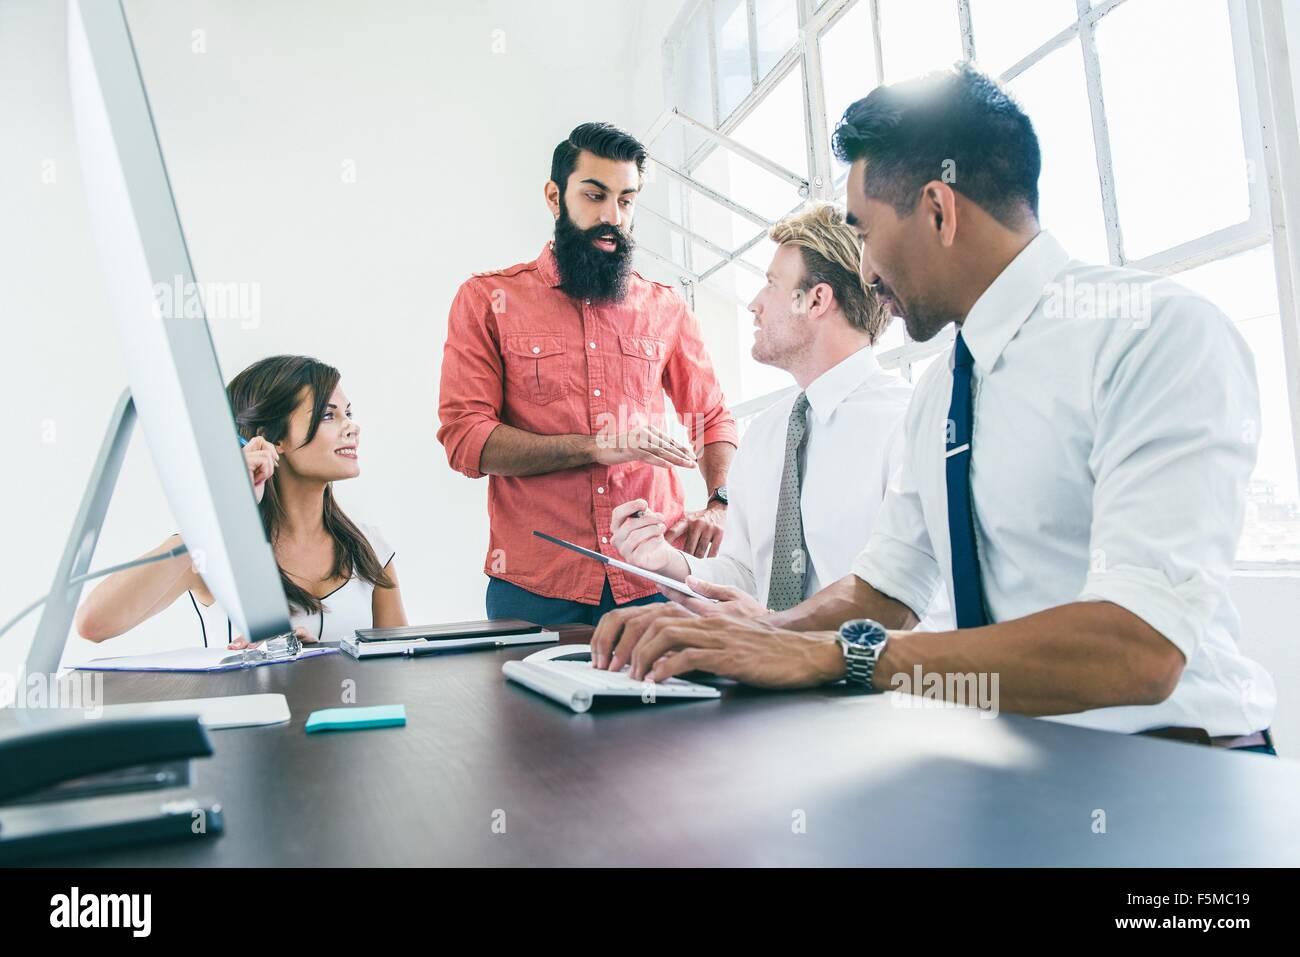 La gente de negocios en la reunión de intercambio de ideas por la ventana de la oficina Imagen De Stock